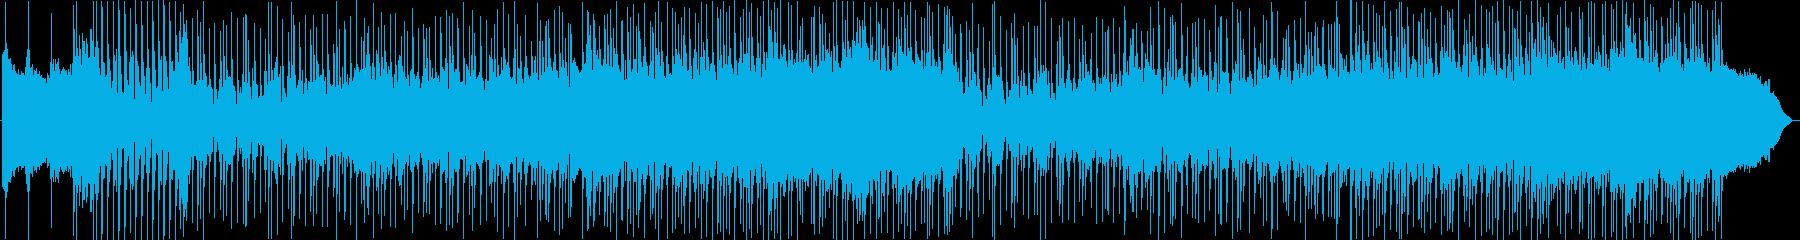 幸せ感あふれるPopソングの再生済みの波形